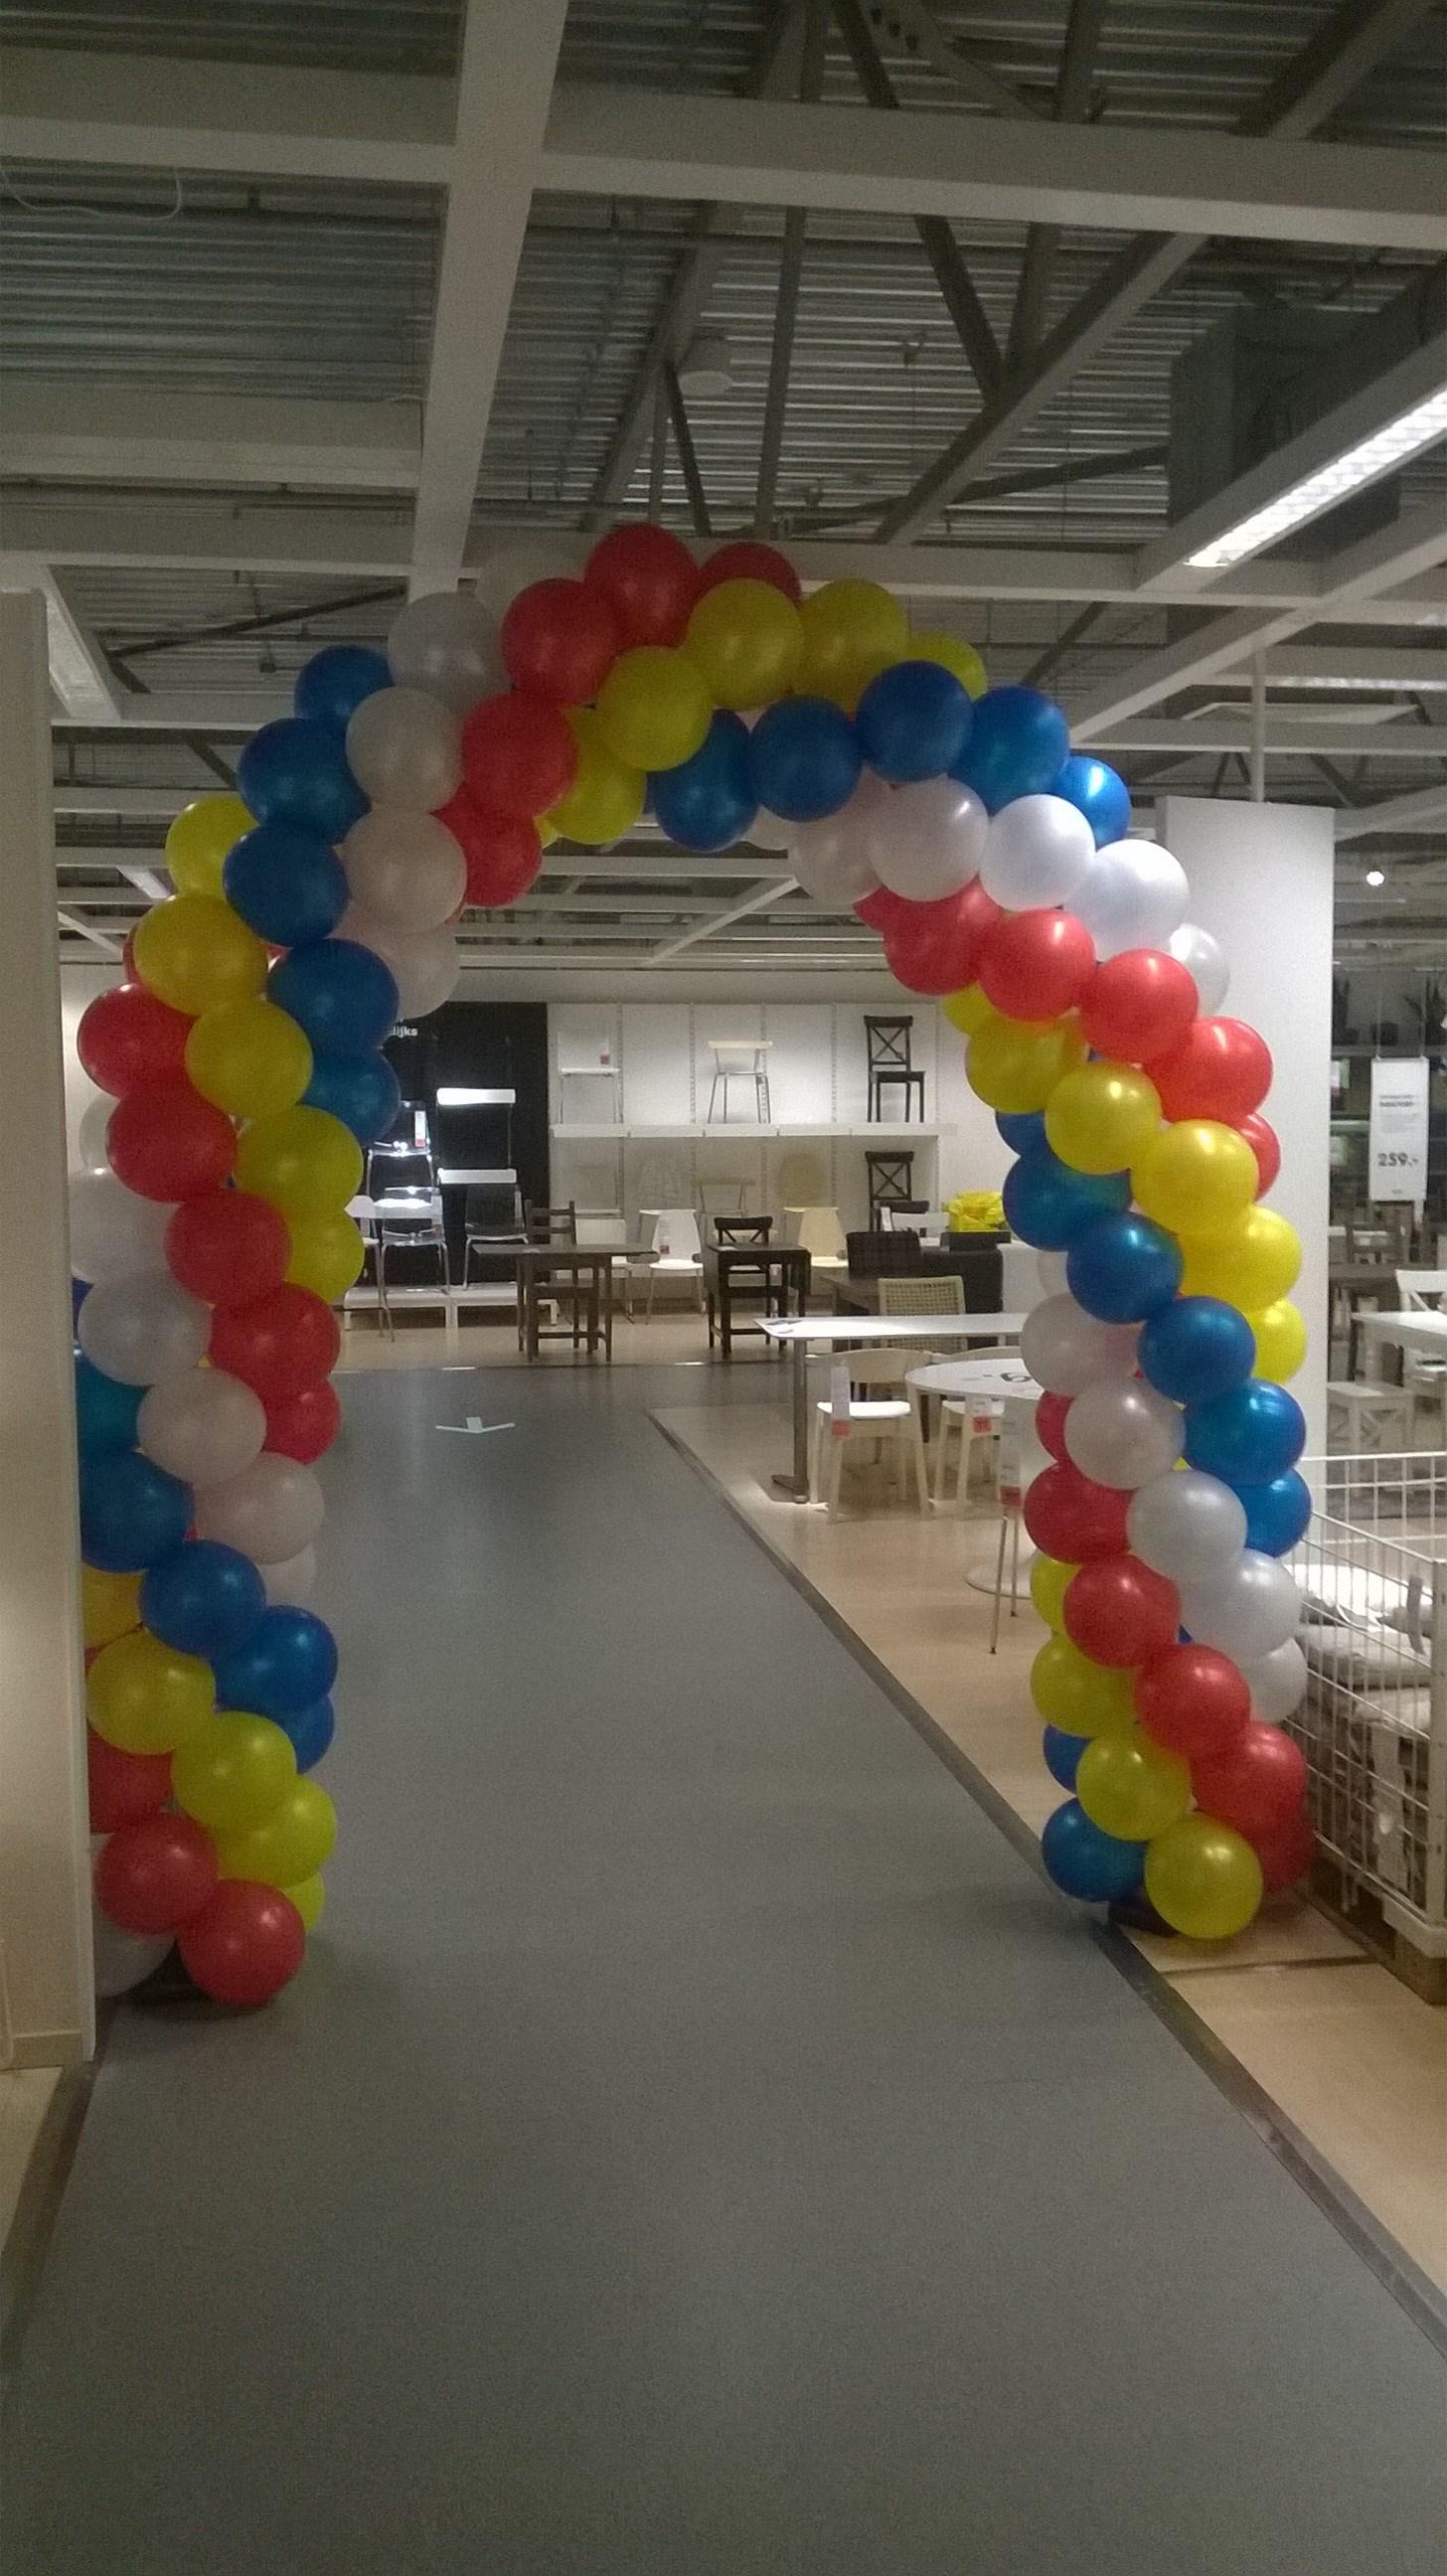 ballonnen decoratie opening bedden afdeling IKEA